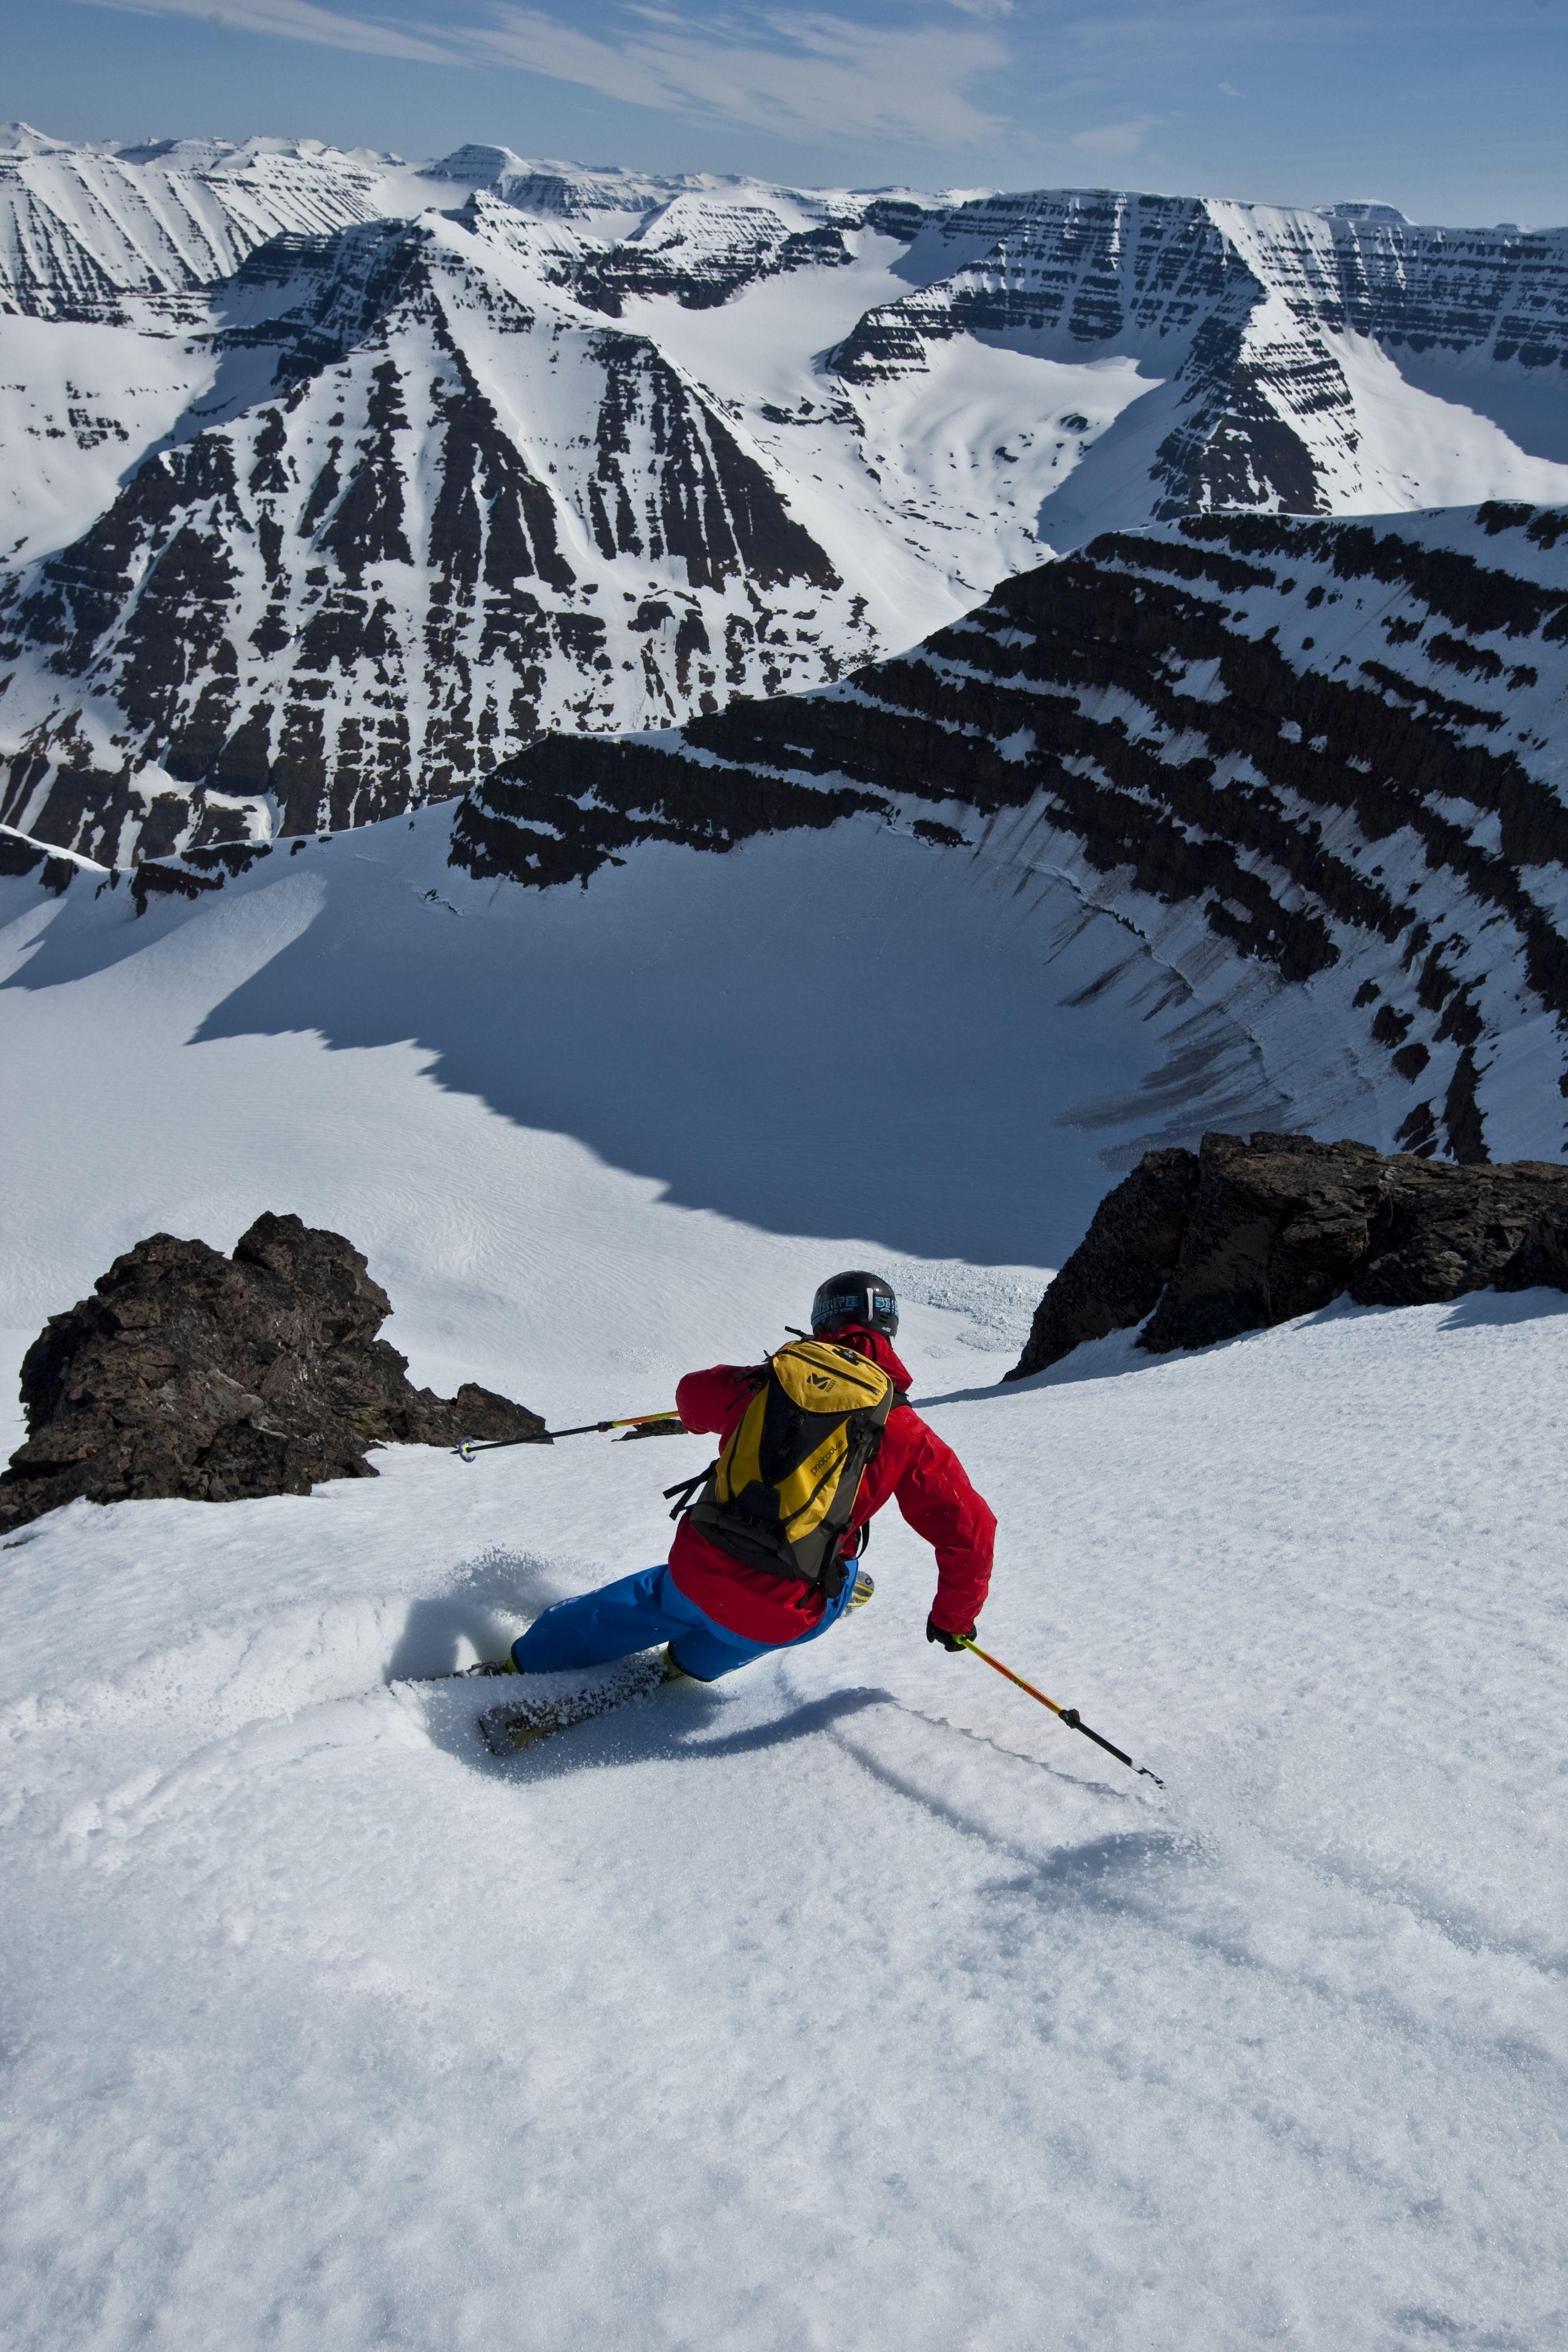 HeliSkiing in Iceland Heli skiing, Ski inspiration